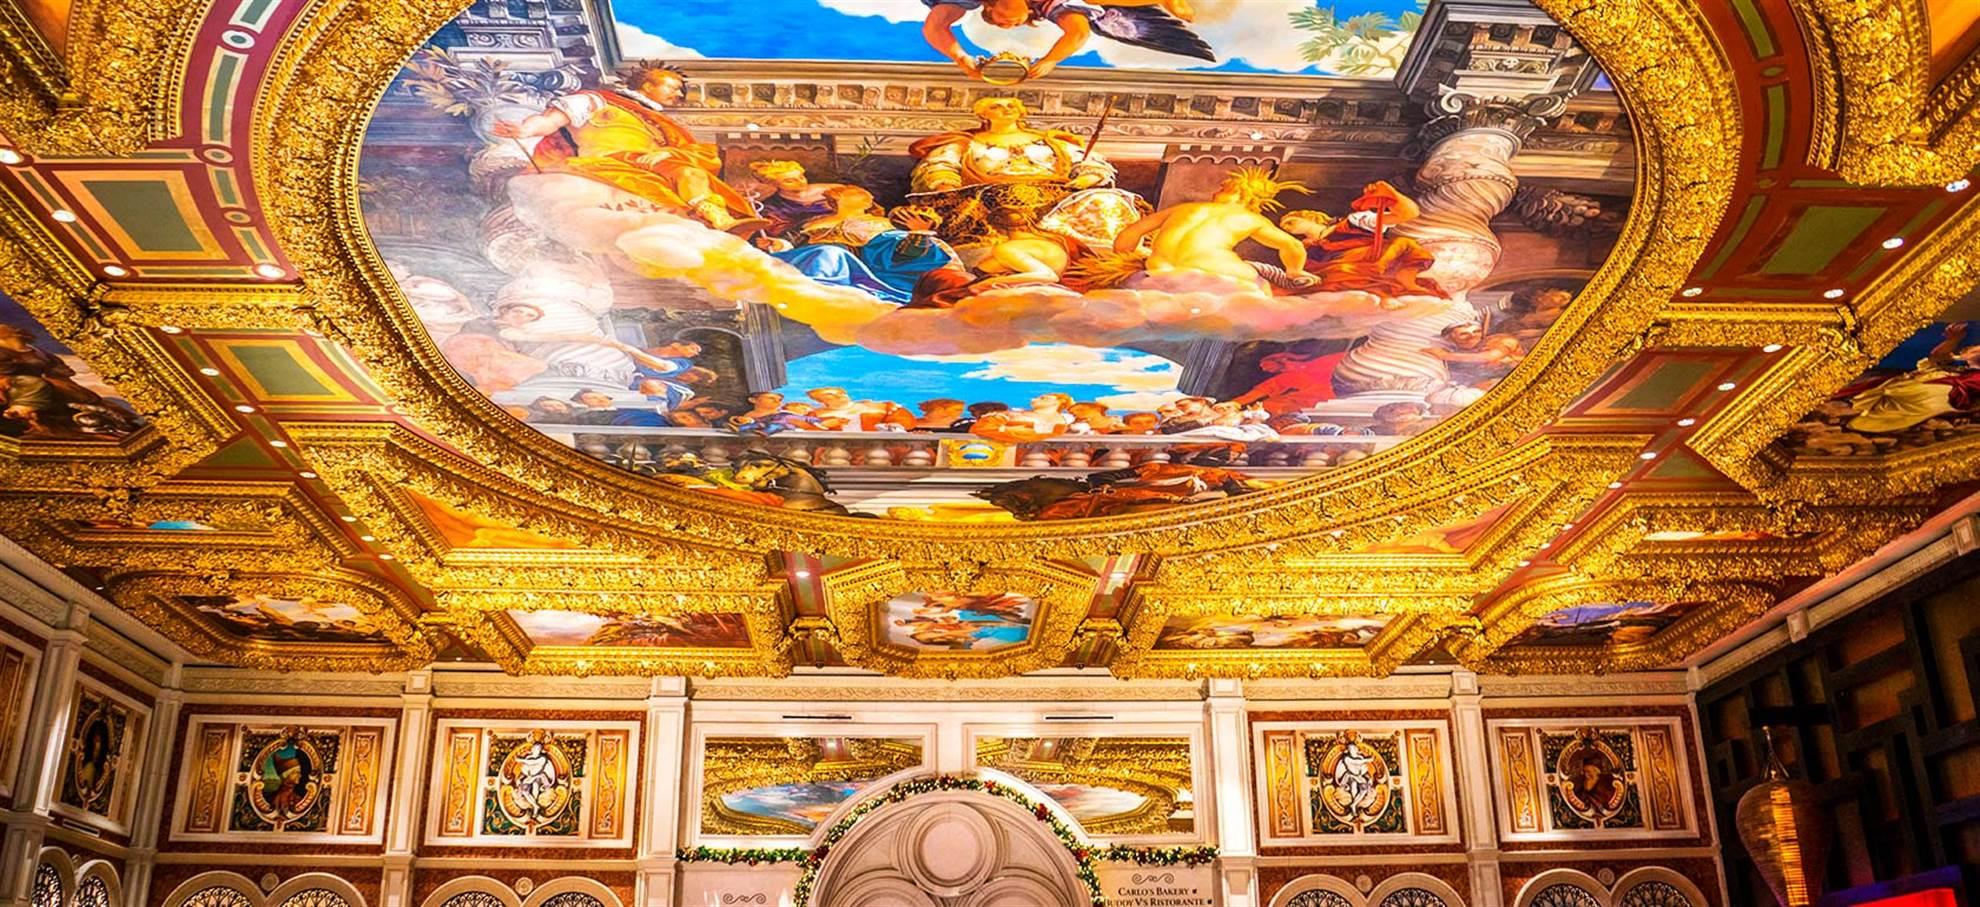 Museu do Vaticano e Capela Sistina–VIP (T3 E AM)